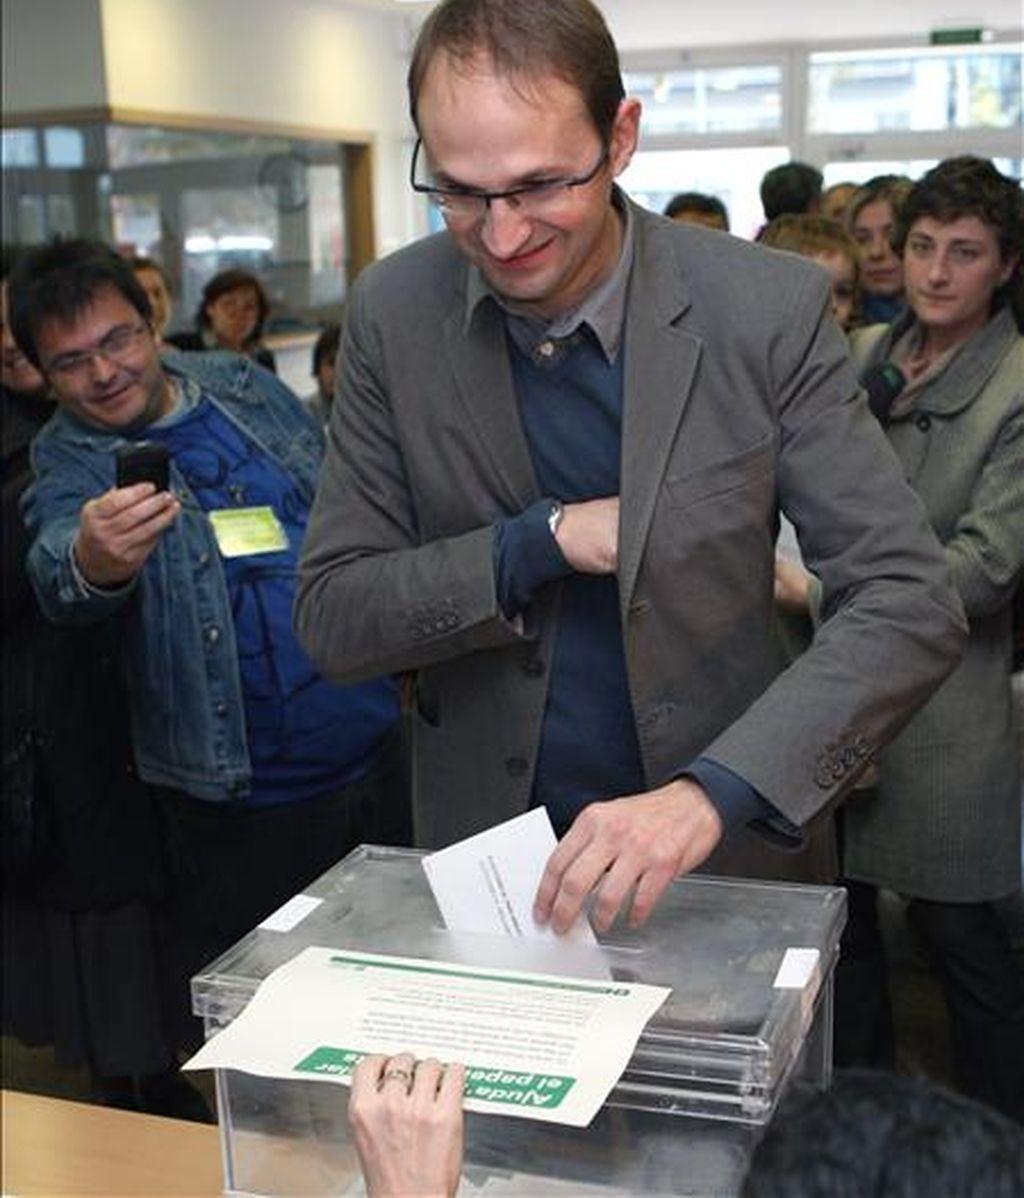 El candidato de Iniciativa por Cataluña los Verdes-Esquerra Unida Alternativa (ICV-EUIA) a la presidencia de la Generalitat, Joán Herrera, emite su voto esta mañana en la Escola Llacuna del barrio barcelonés del Poble Nou. EFE